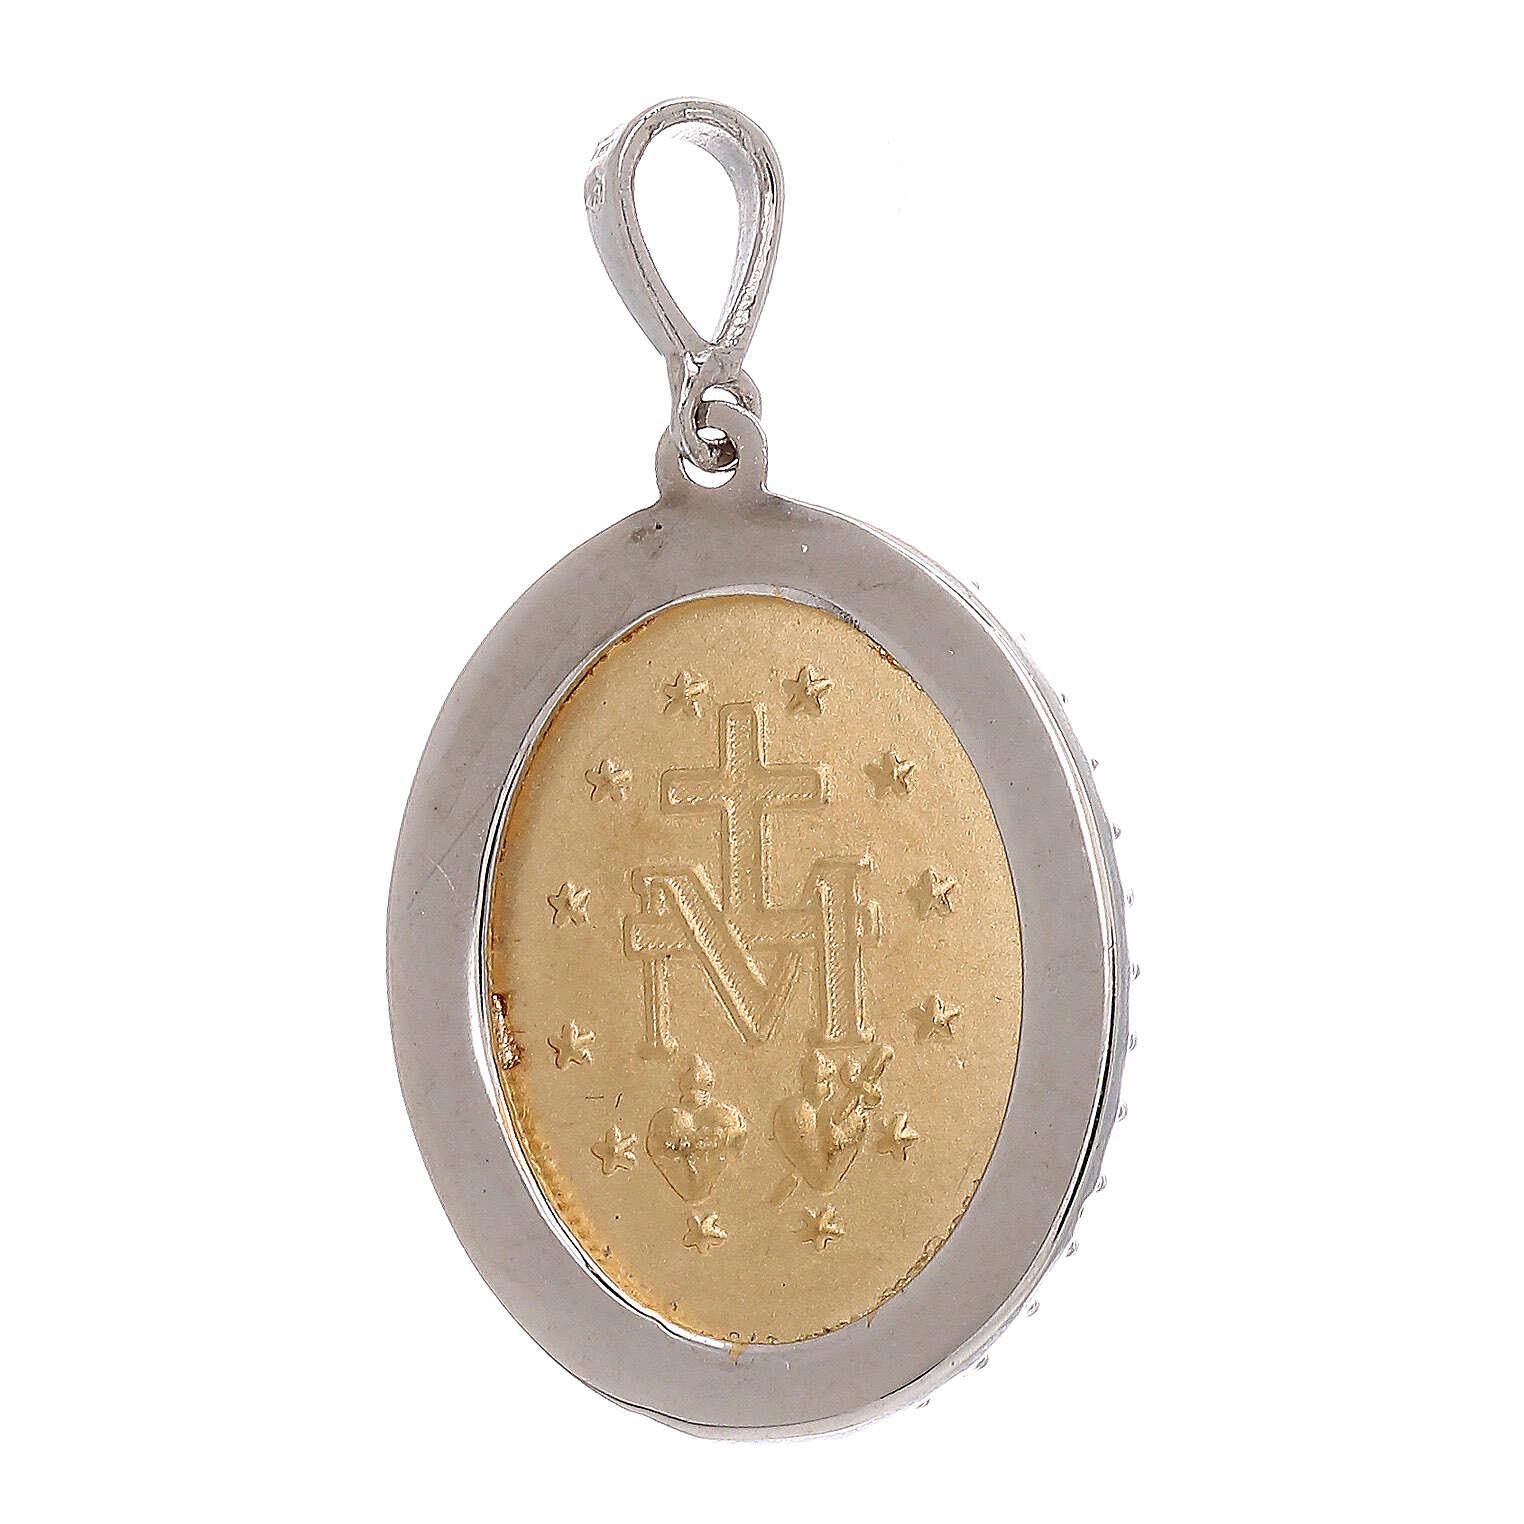 Pendente Medaglia Miracolosa Swarovski rossi oro bicolore 18 kt 3,4 gr 4